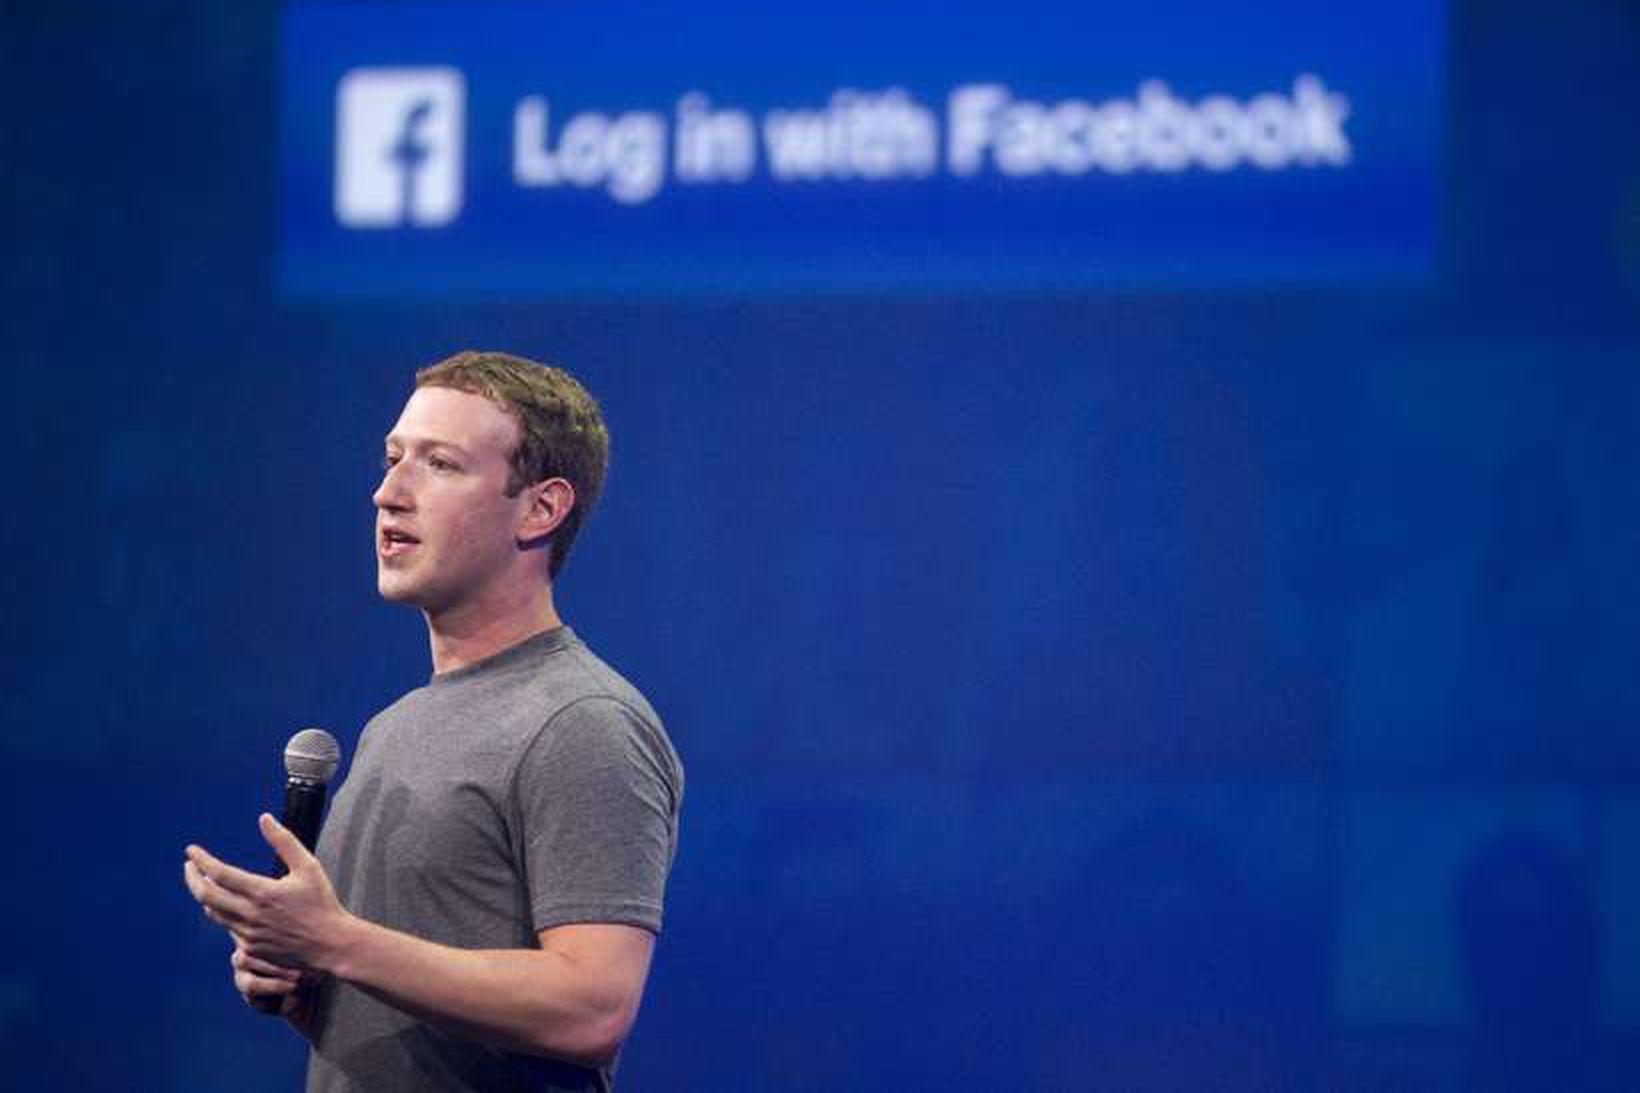 Angar Facebook teygja sig í alla króka og kima internetsins.